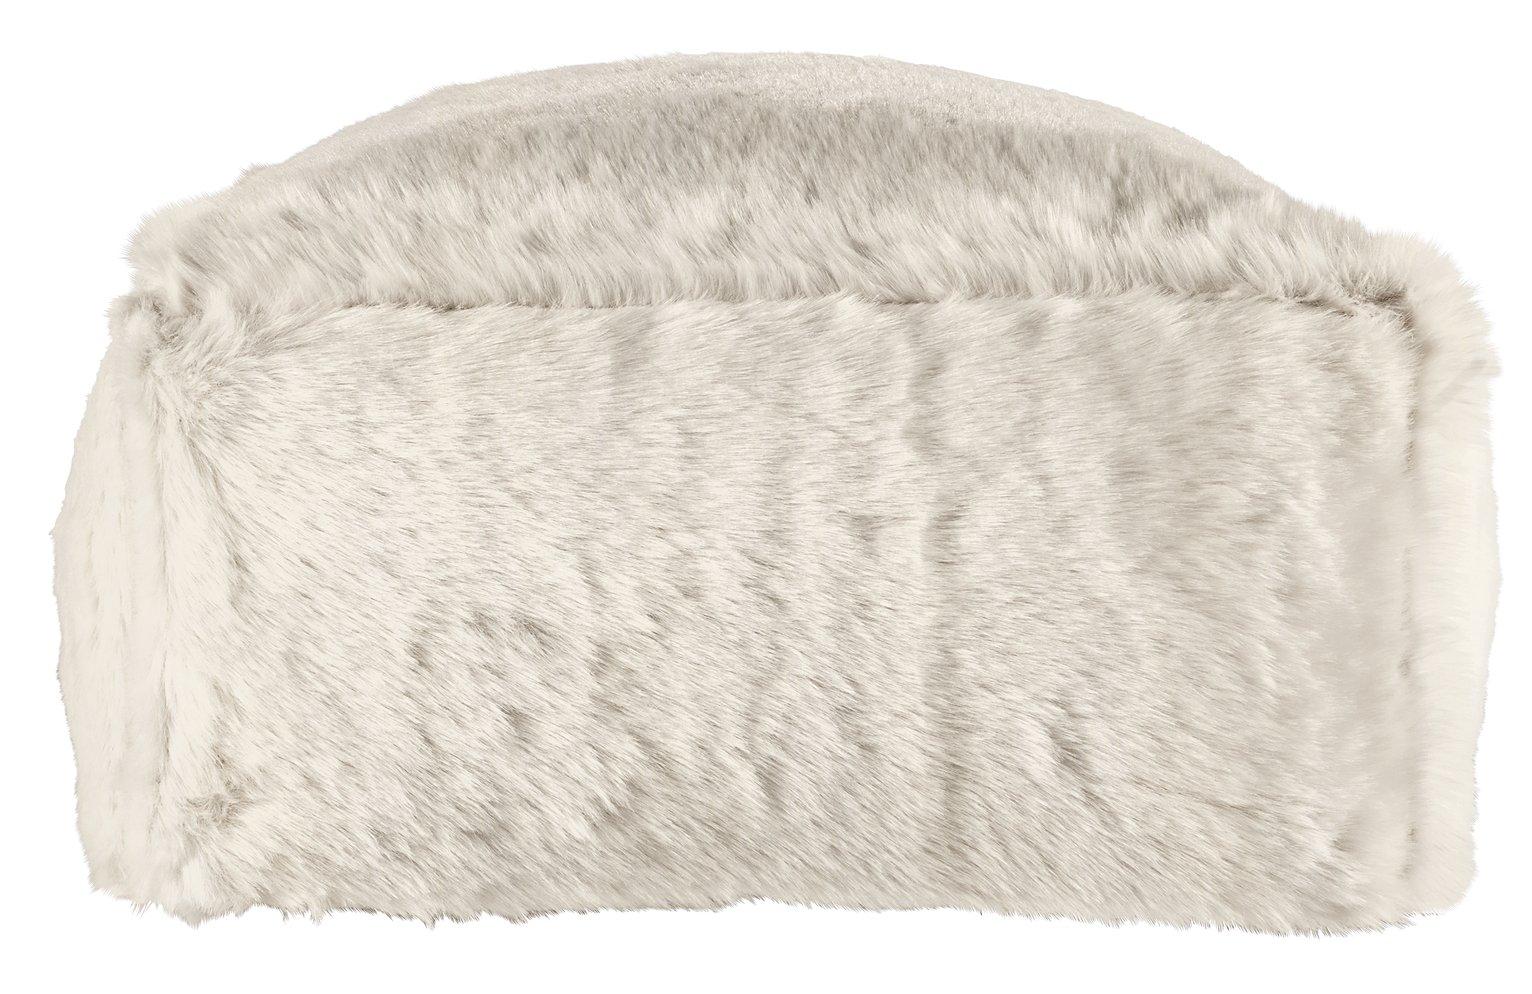 Argos Home Faux Fur Slab Beanbag - Cream